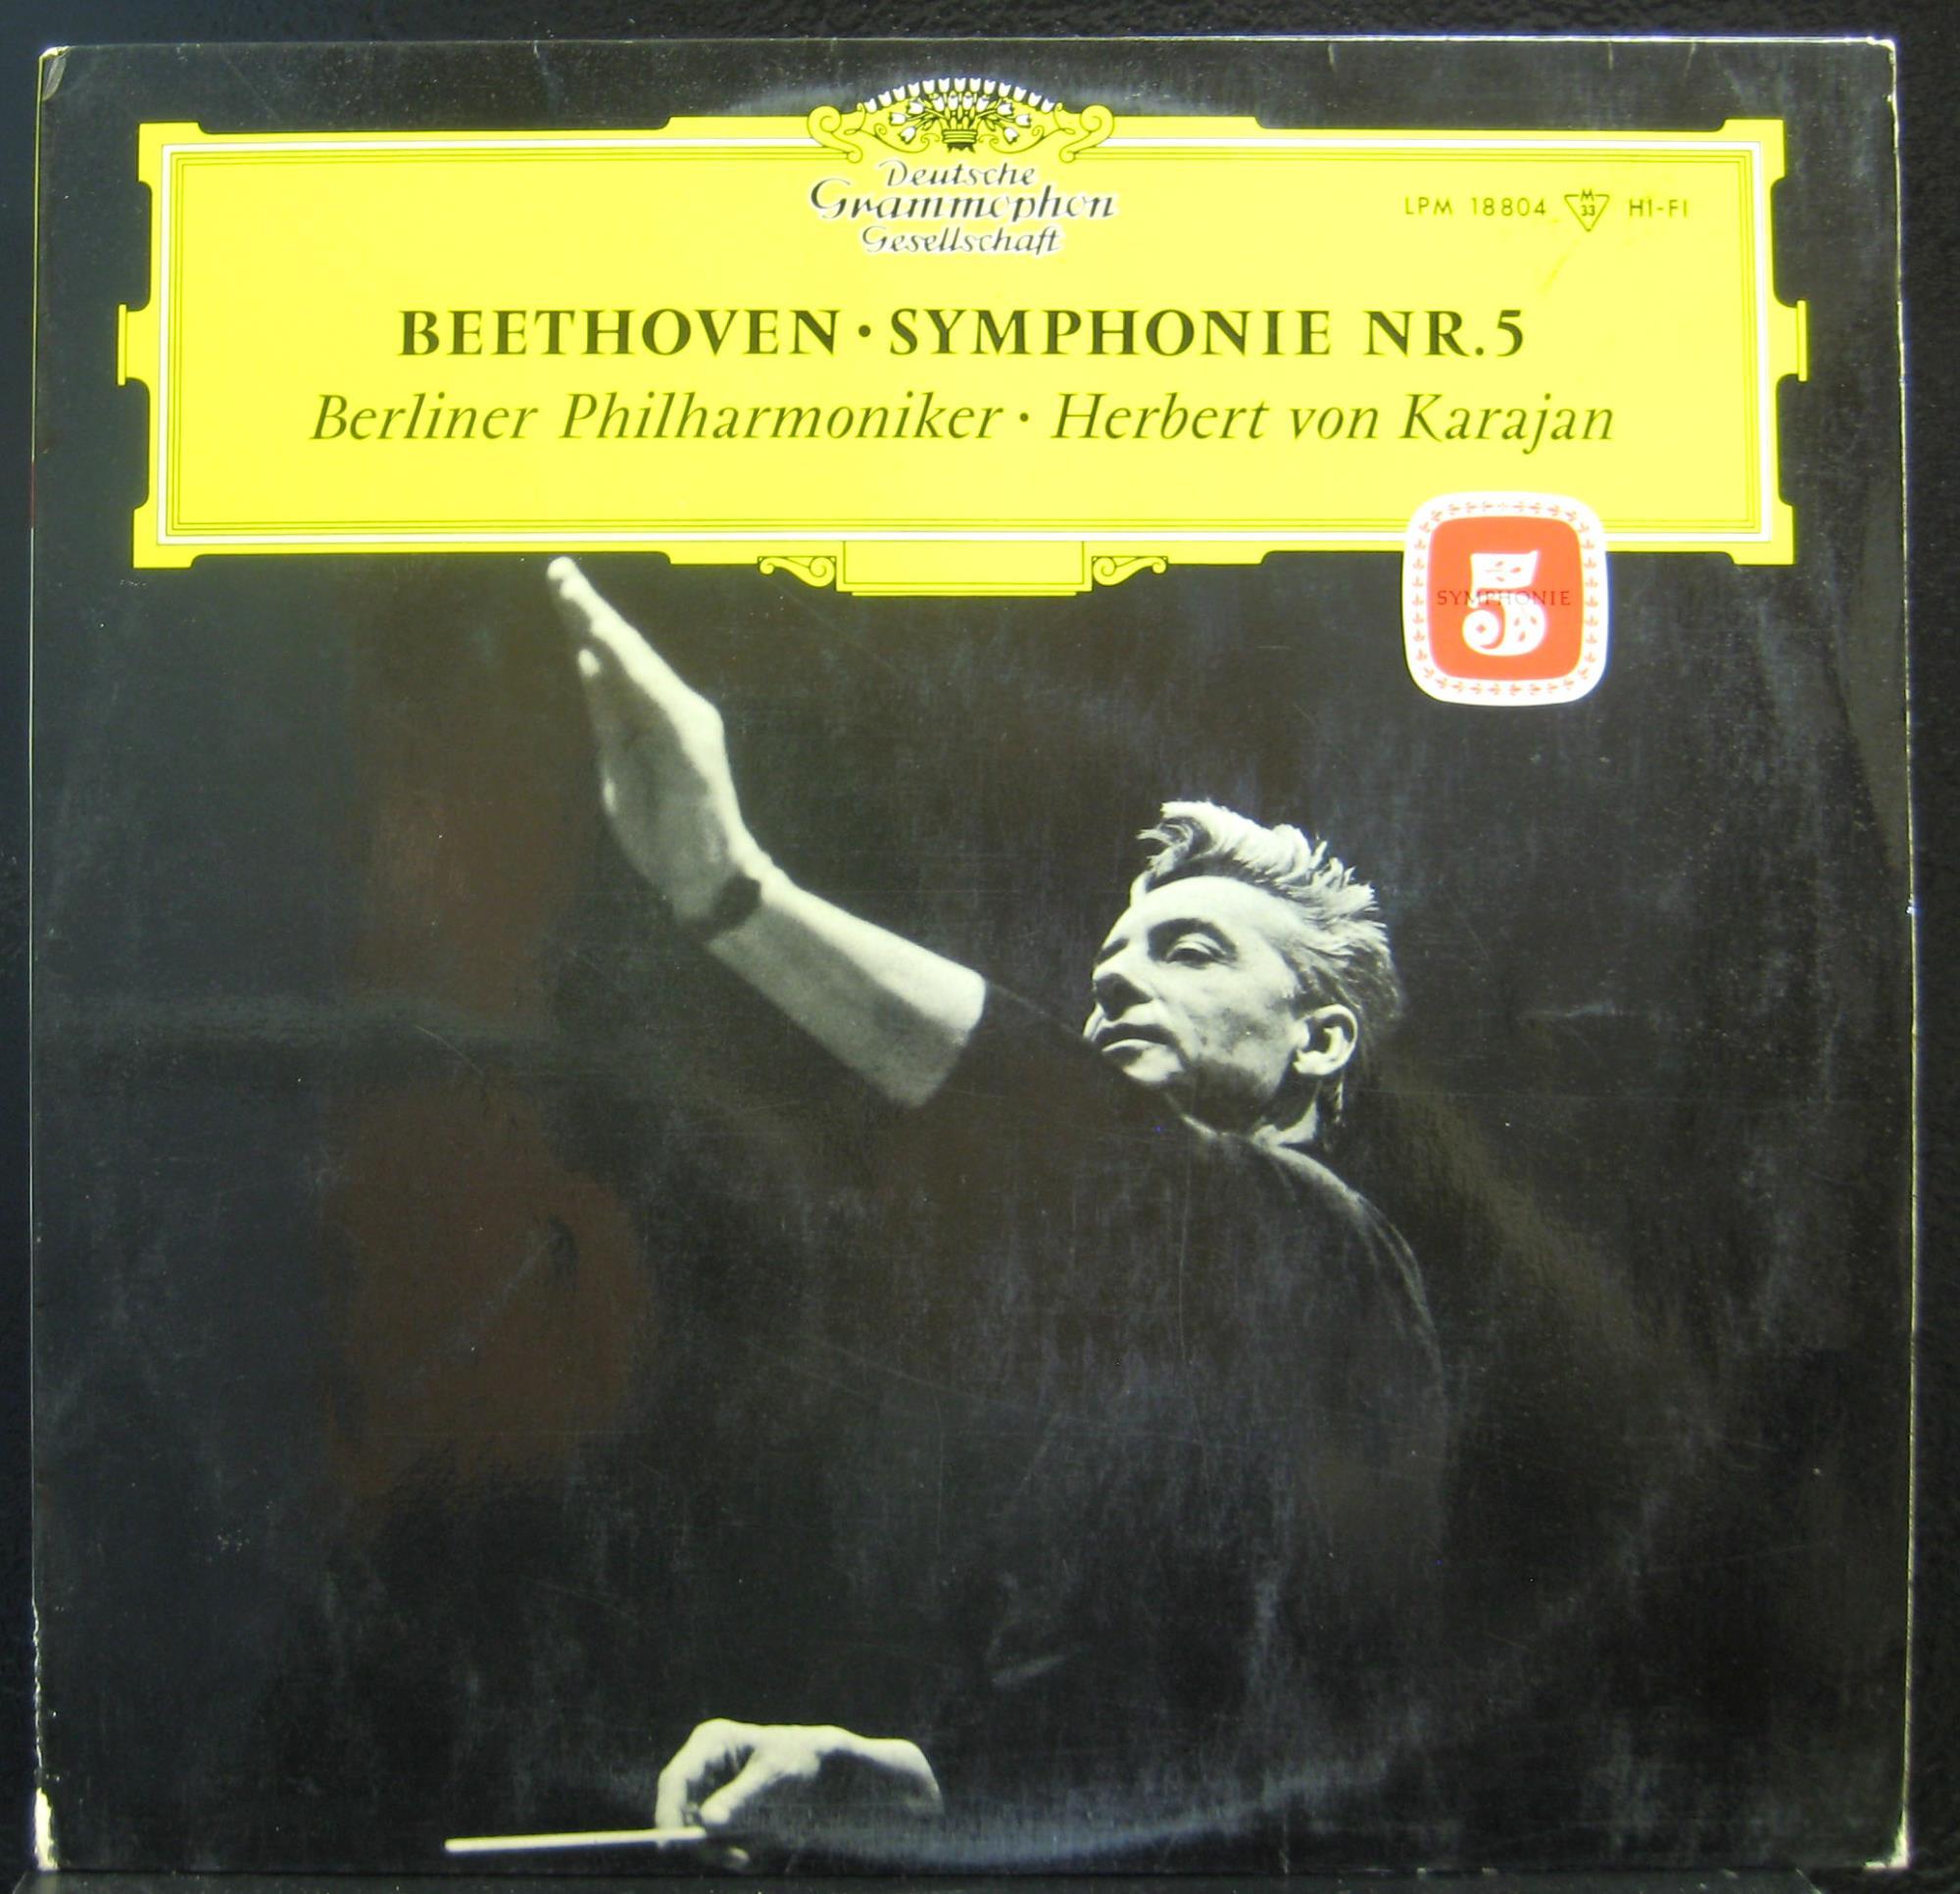 HERBERT VON KARAJAN - Karajan Beethoven Symphonie Nr. 5 Lp Mint- Lpm 18804 German Tulip Vinyl 1966 (beethoven Symphonie Nr